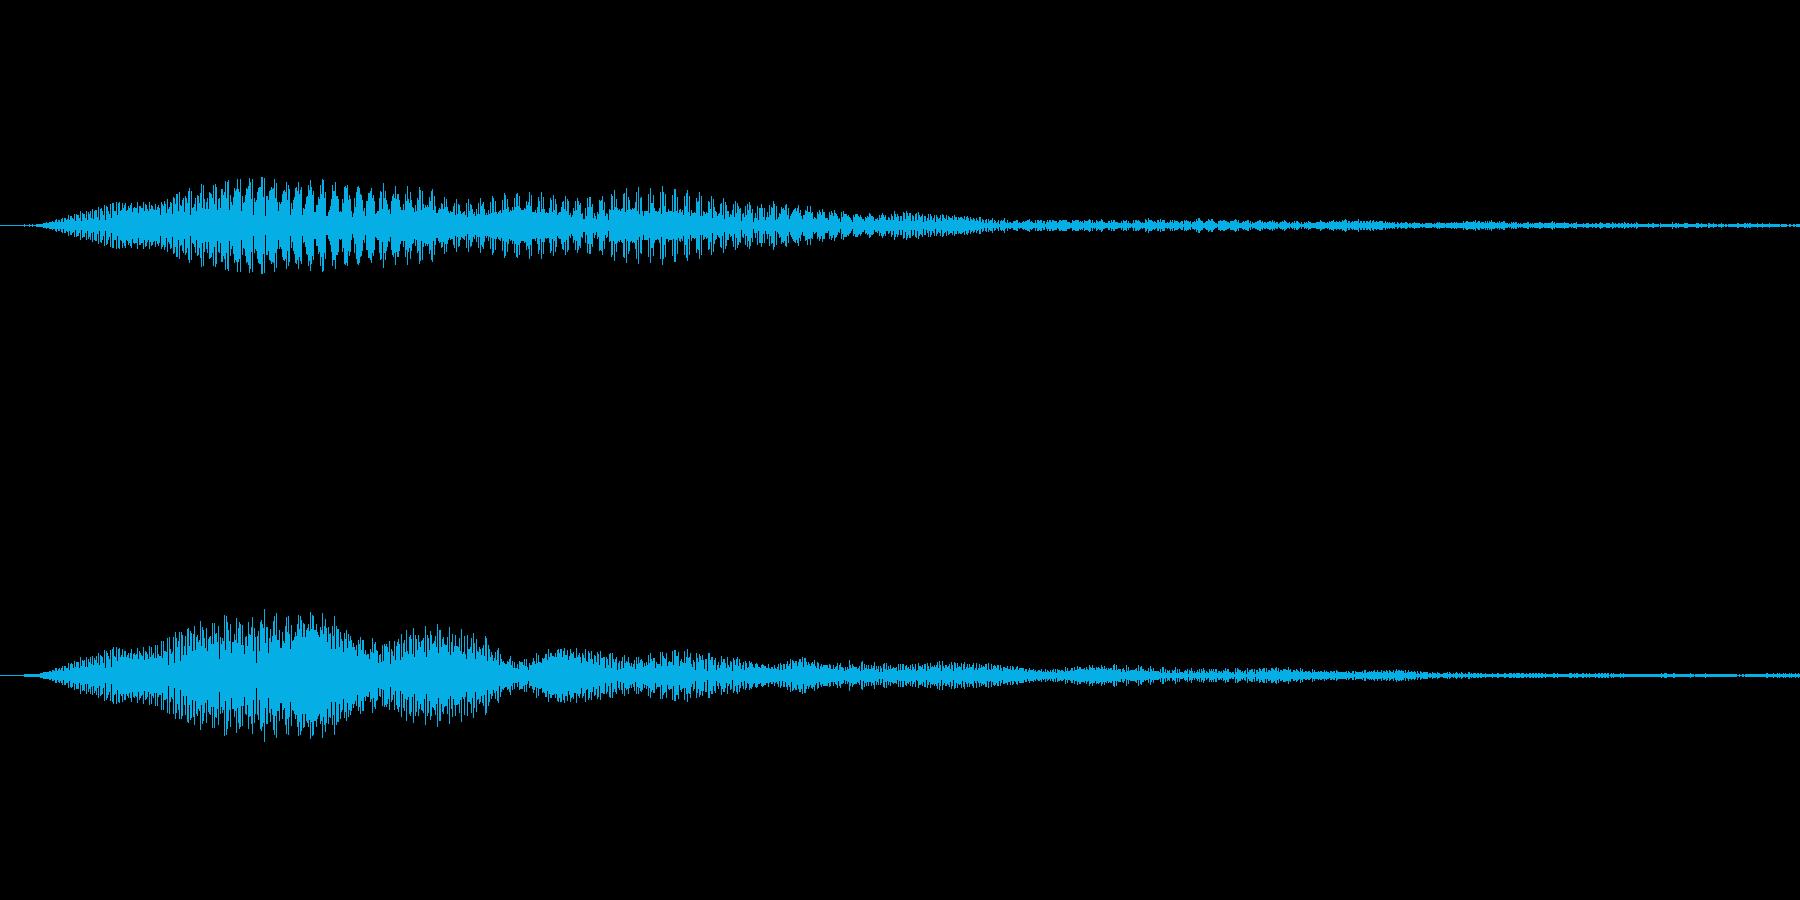 エレクトリックで神秘的なボタン音の再生済みの波形